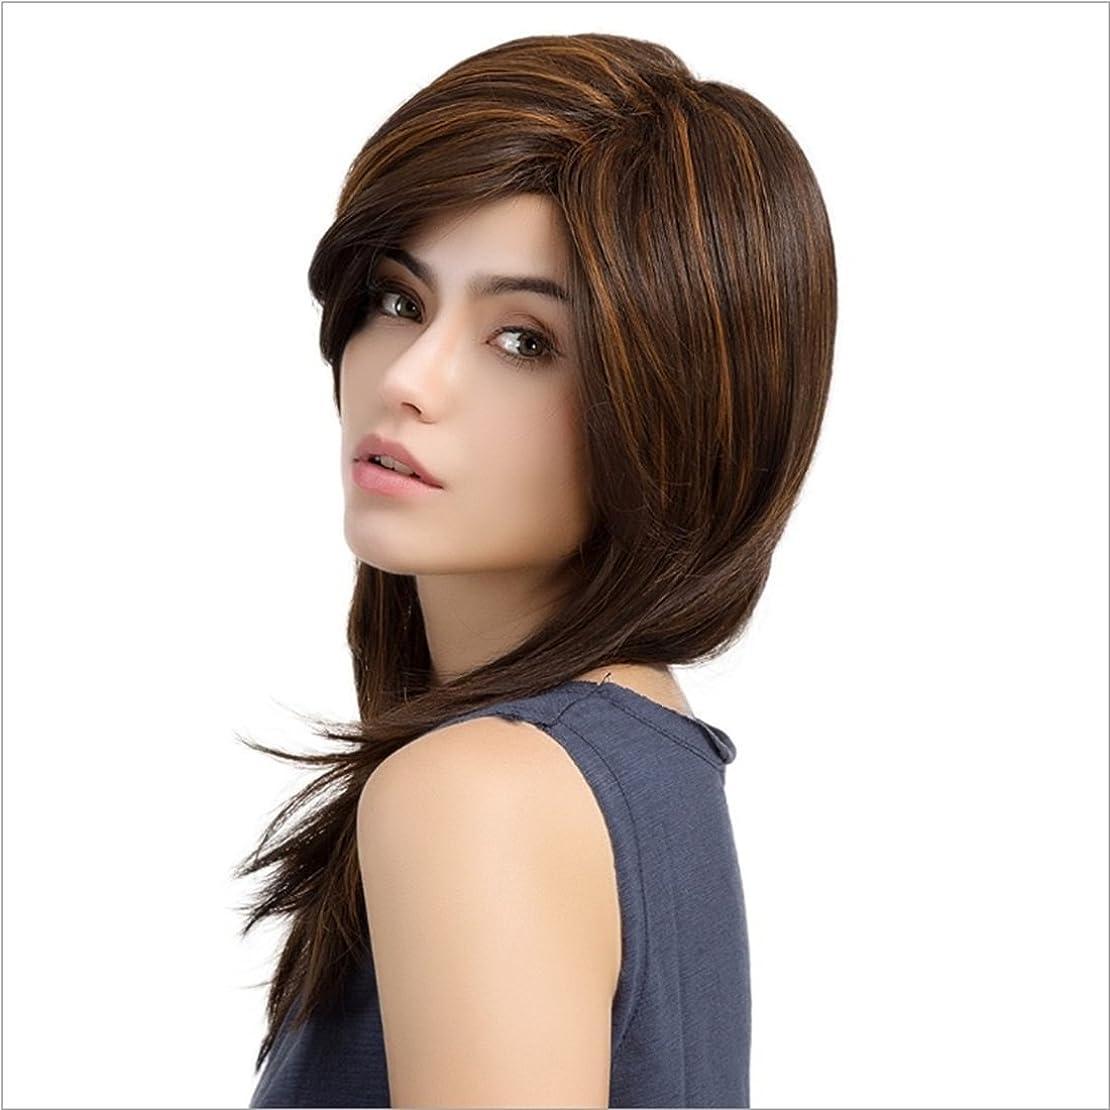 振幅カエルすることになっているかつら マイクロボリュームストレートかつら女性のためのロングナチュラルカラーライトブラウンハイライトかつら斜め前髪かつら長さ50cmファッションかつら (色 : Light brown highlight)